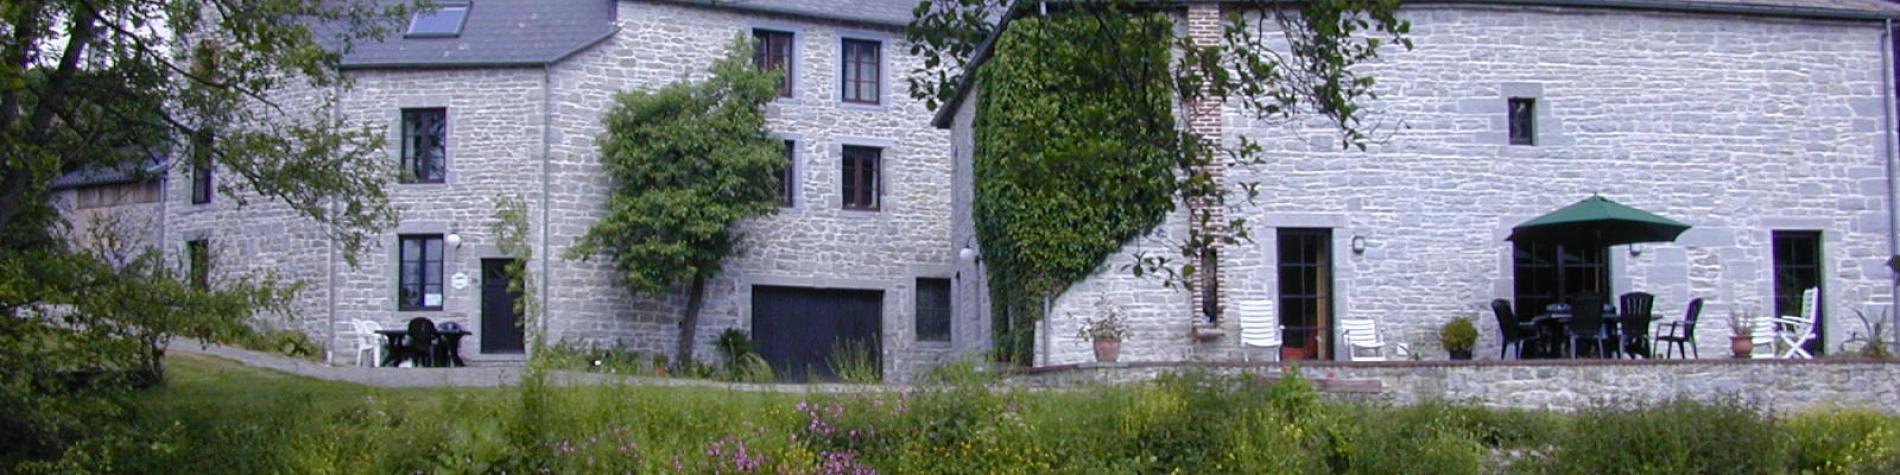 Gîtes du Moulin - La Cense - Treignes